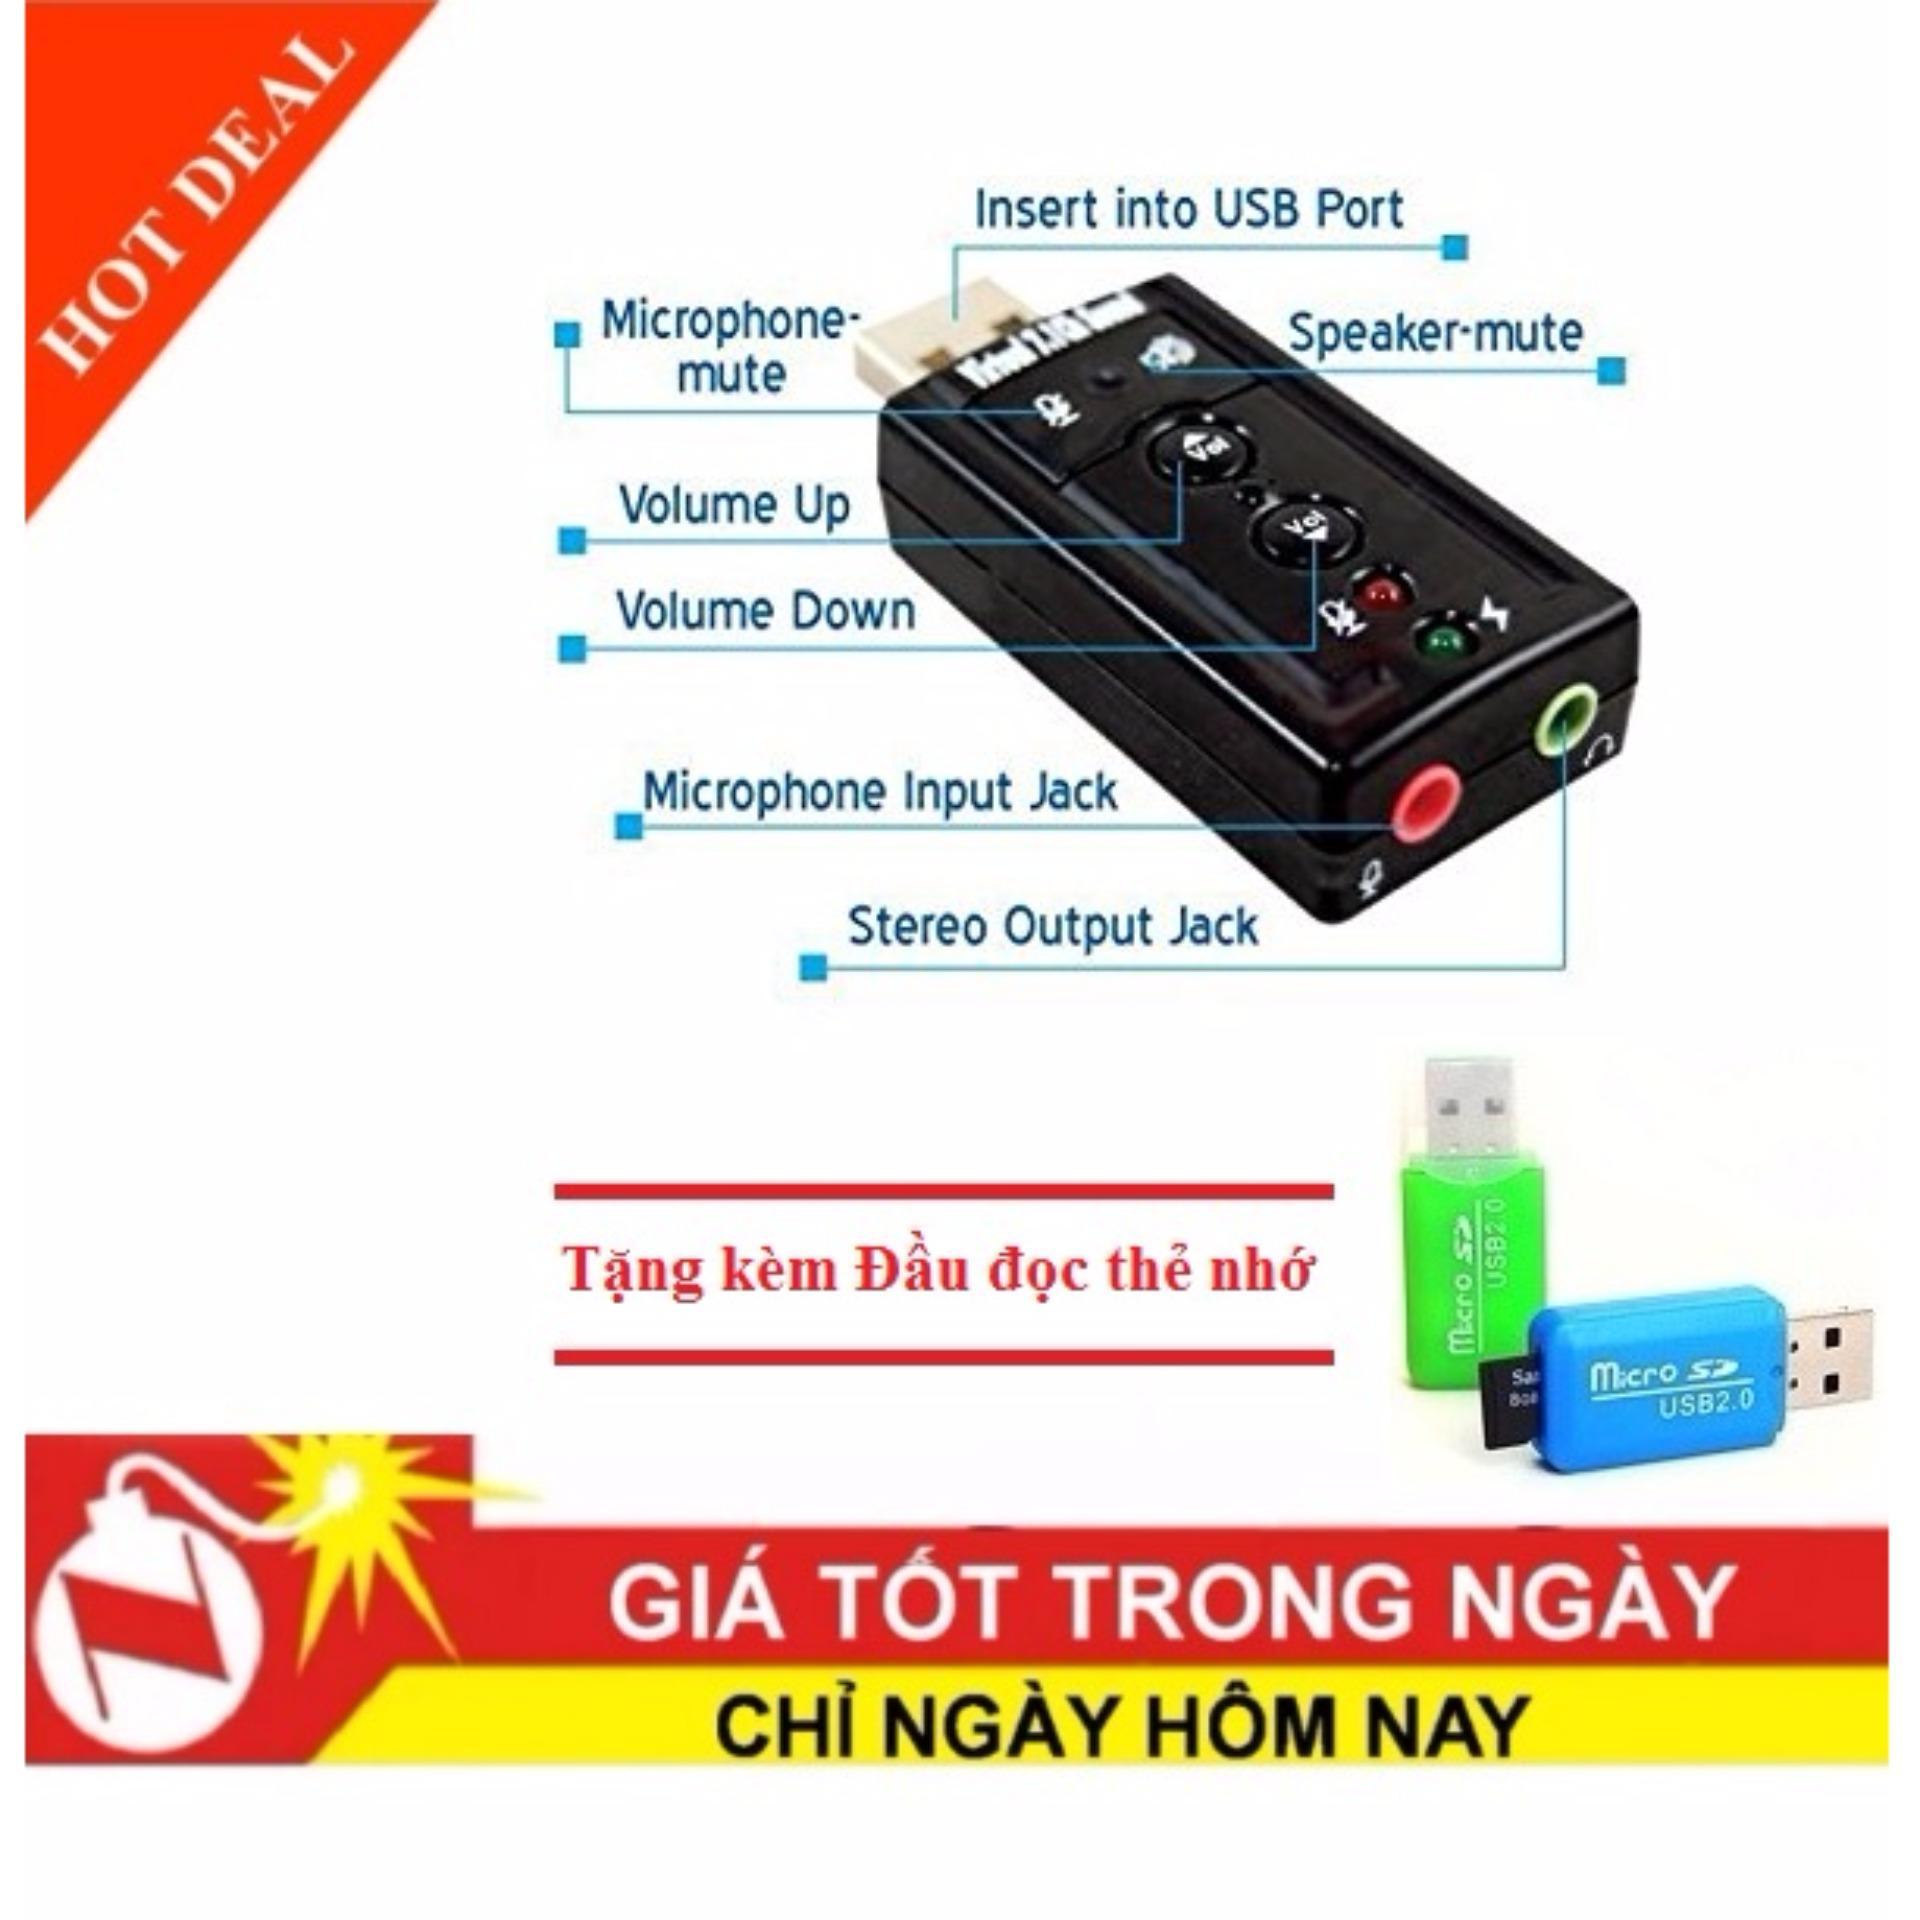 Báo Giá Card sound âm thanh 3D Taiwan 7.1 + Tặng kèm Đầu đọc thẻ nhớ